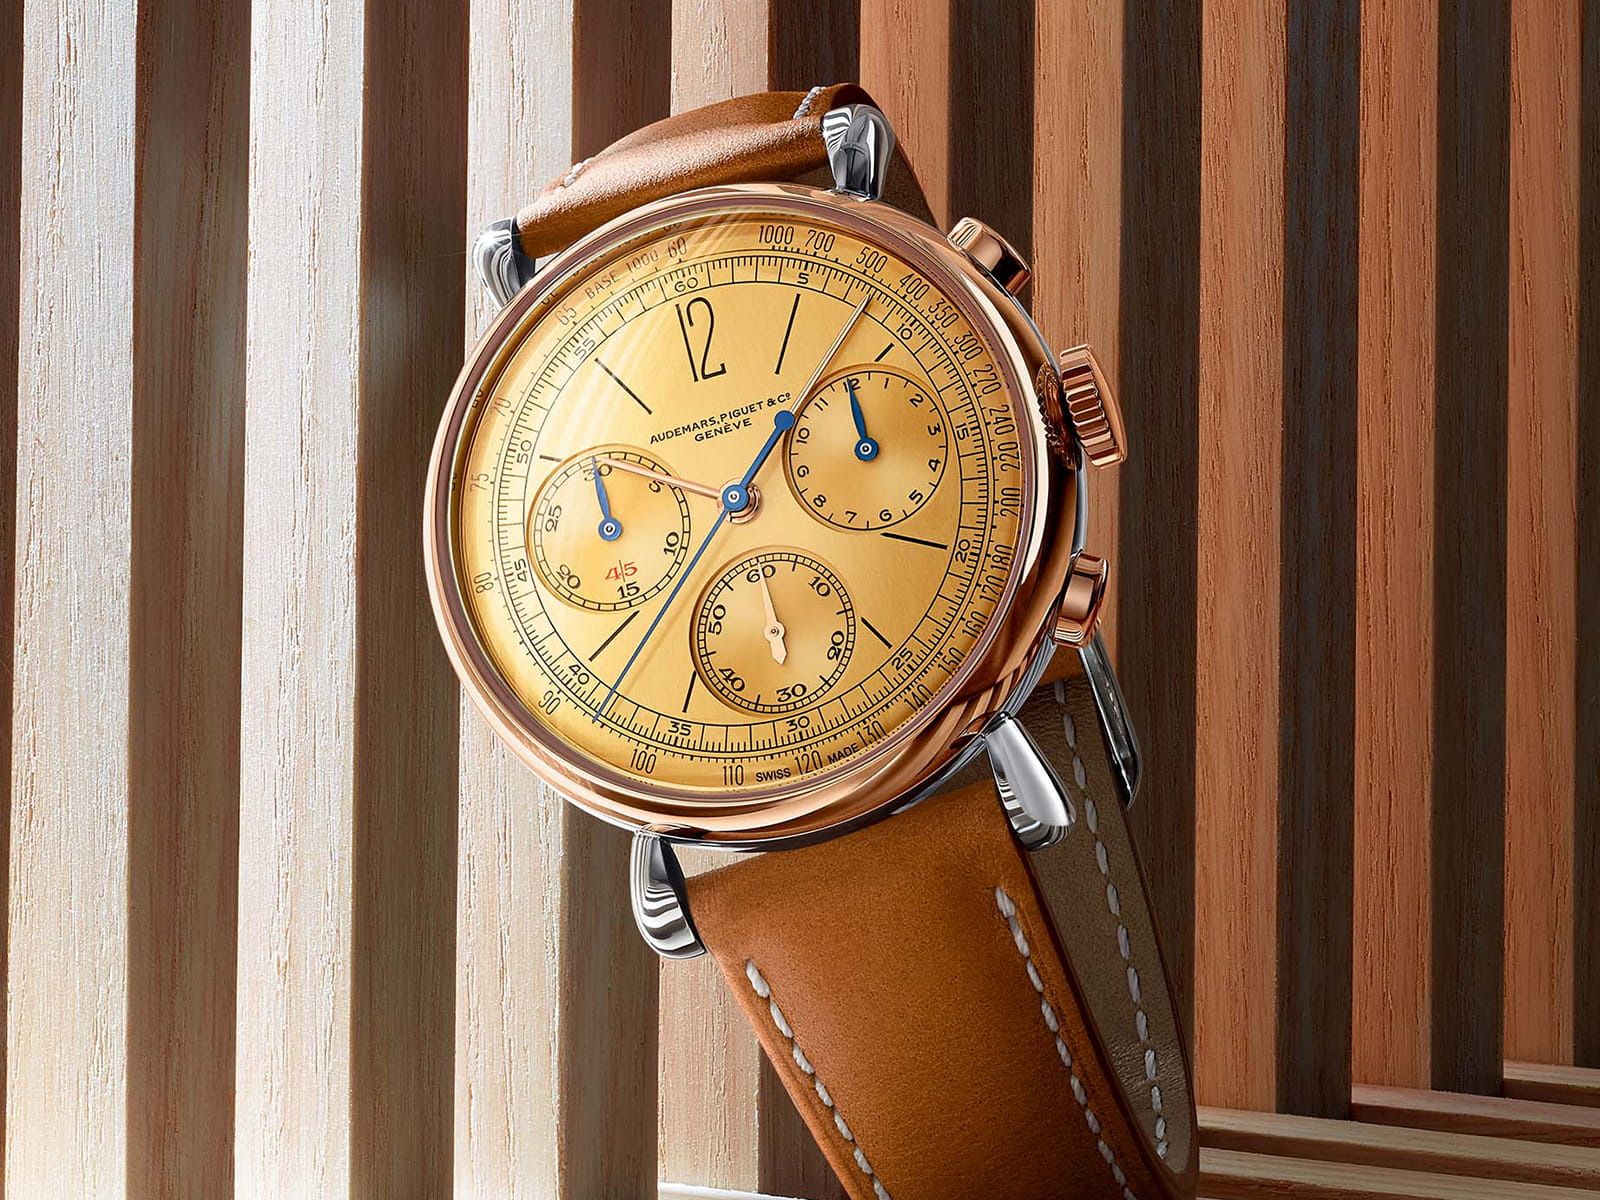 26595sr-oo-a032ve-01-audemars-piguet-remaster01-chronograph-2.jpg